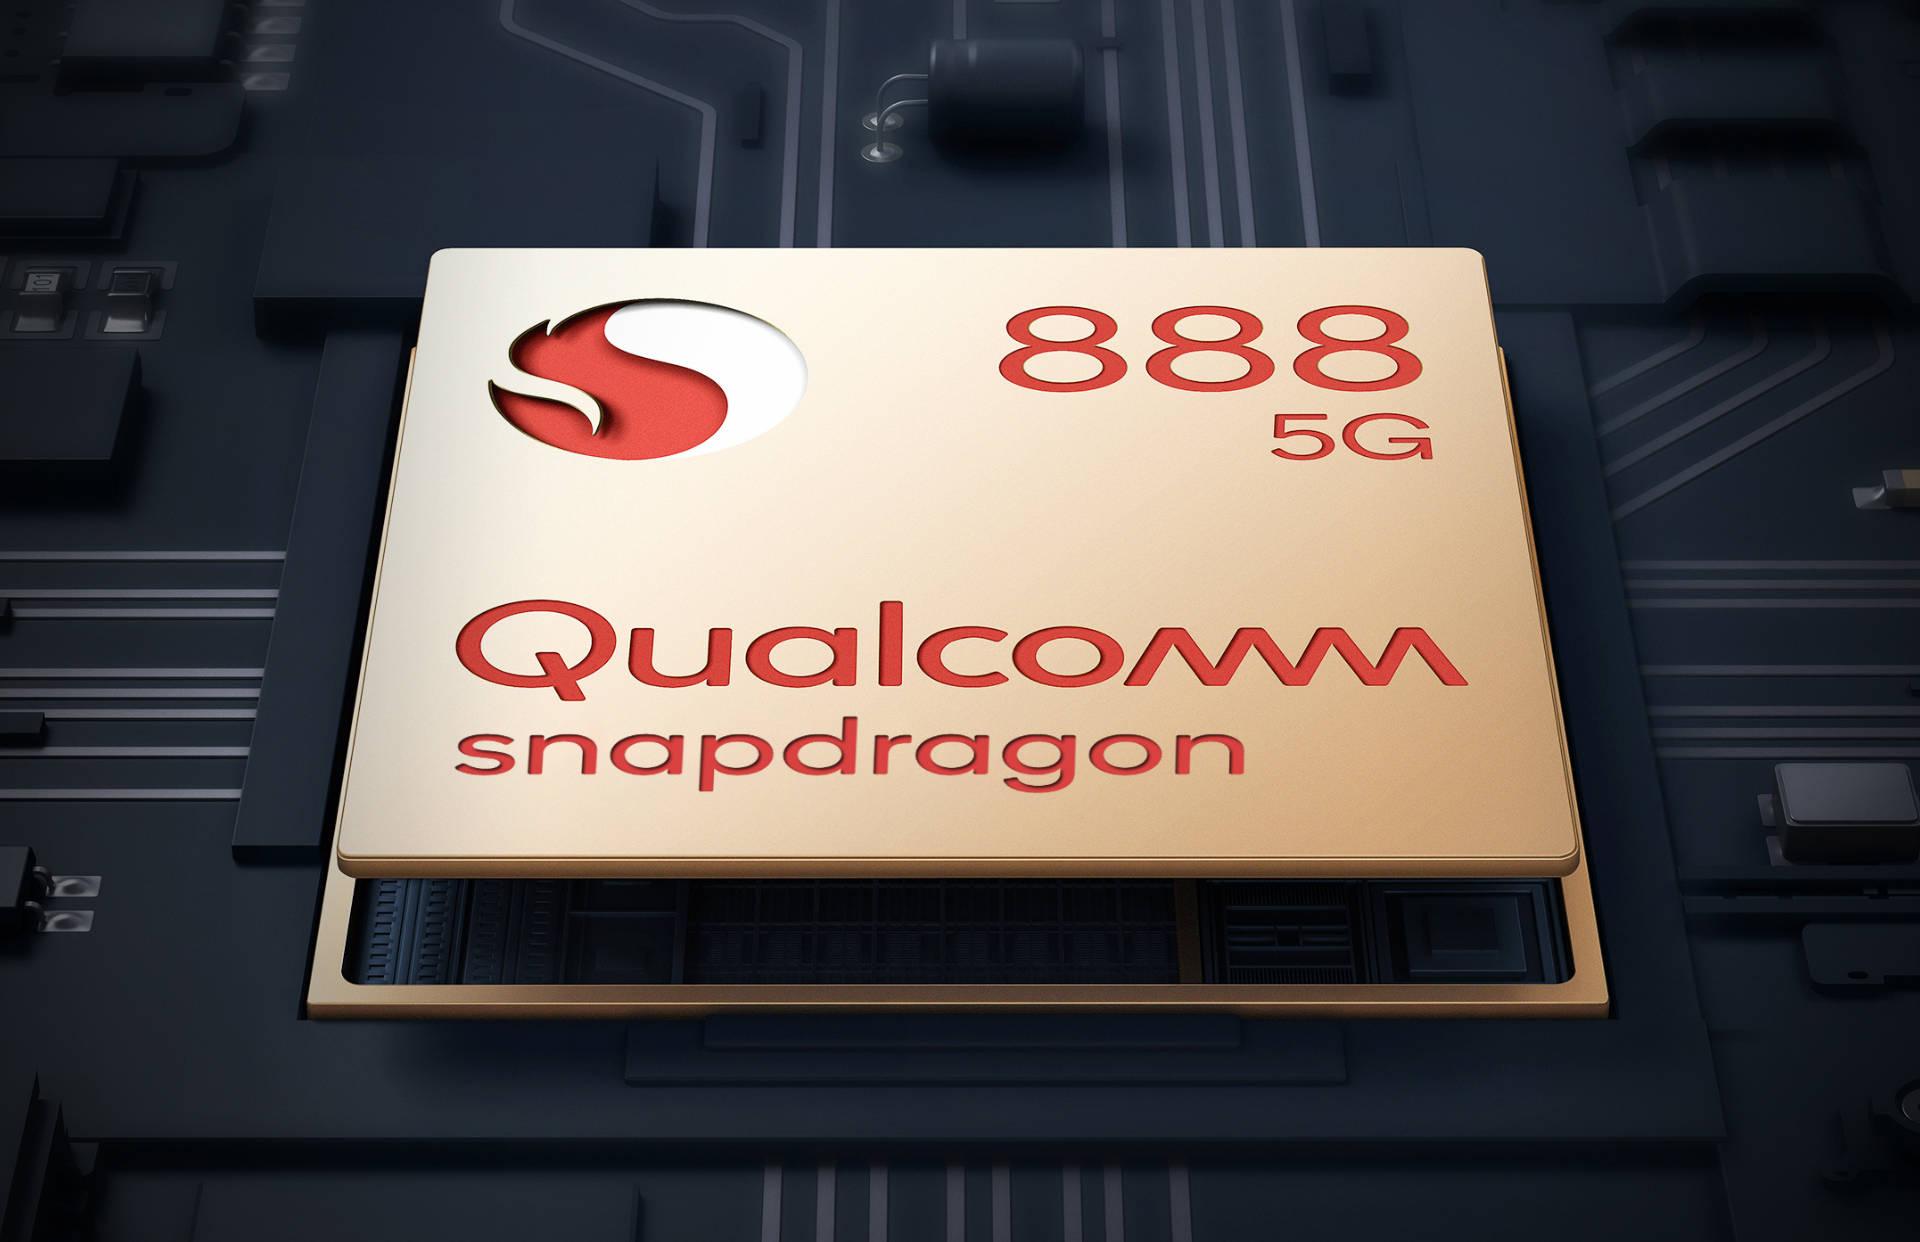 kiedy premiera Xiaomi Mi 11 Pro cena z Qualcomm Snapdragon 888 5G